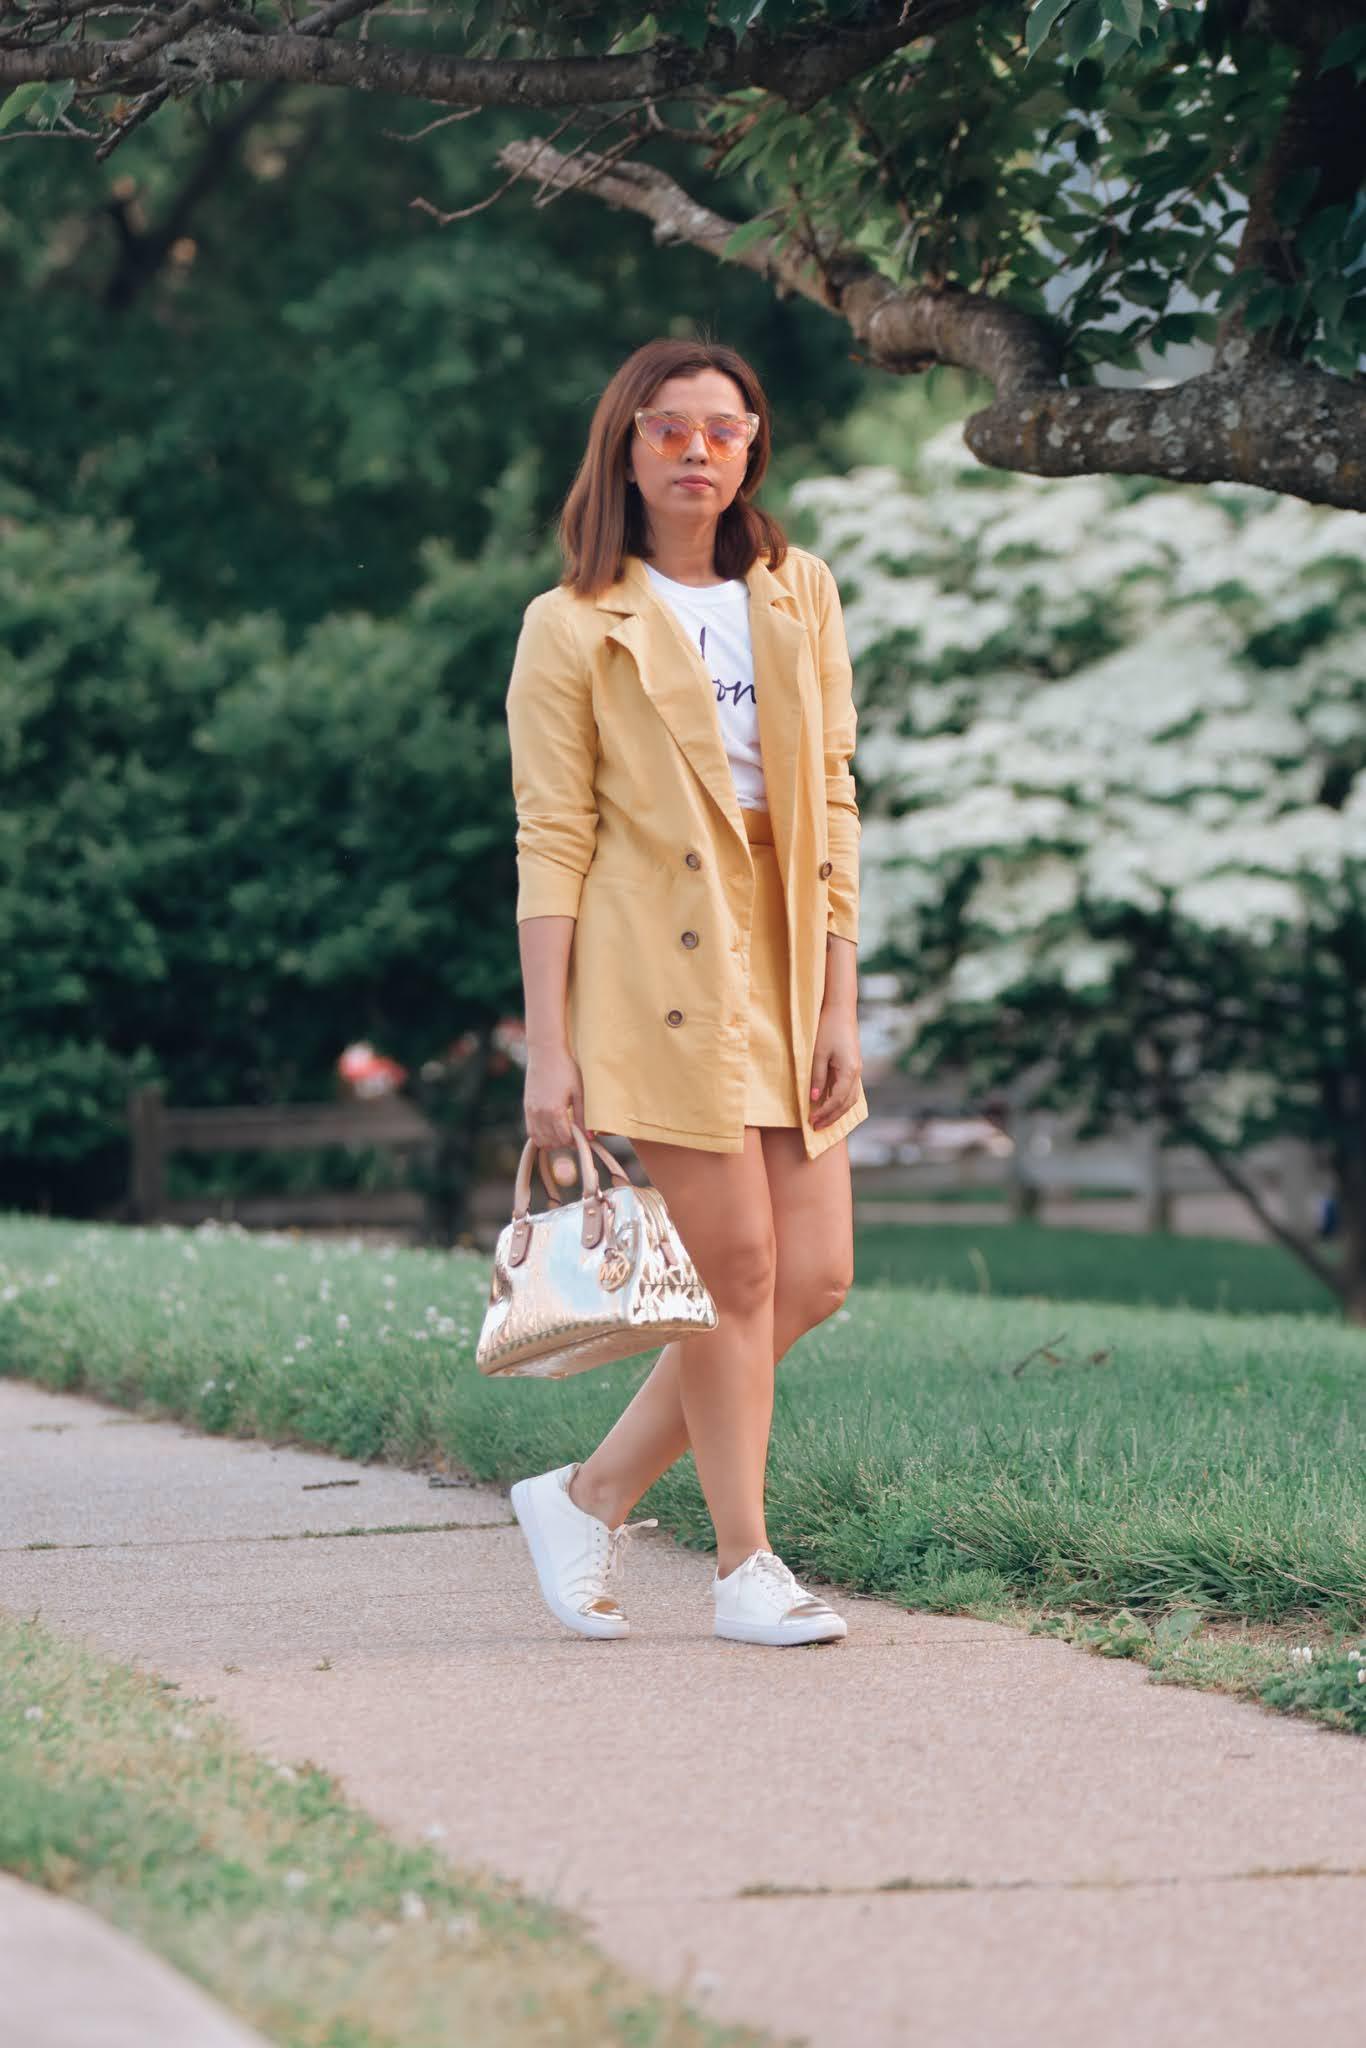 como combinar un blazer amarillo- como crear outfits desde cero-como combinar el color amarillo-mariestilo-como crear outfits con tu ropa-como combinar tu ropa-outfits mujeres-mariestilo-marisolflamenco